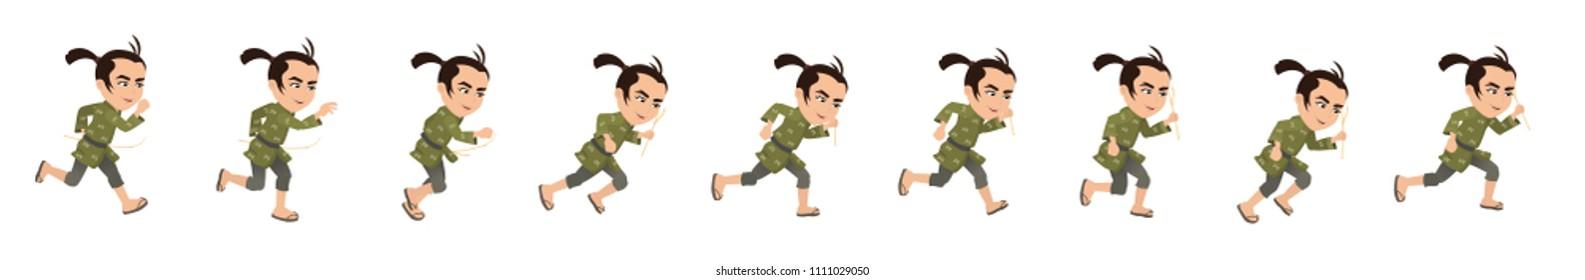 The Straw Headman Running